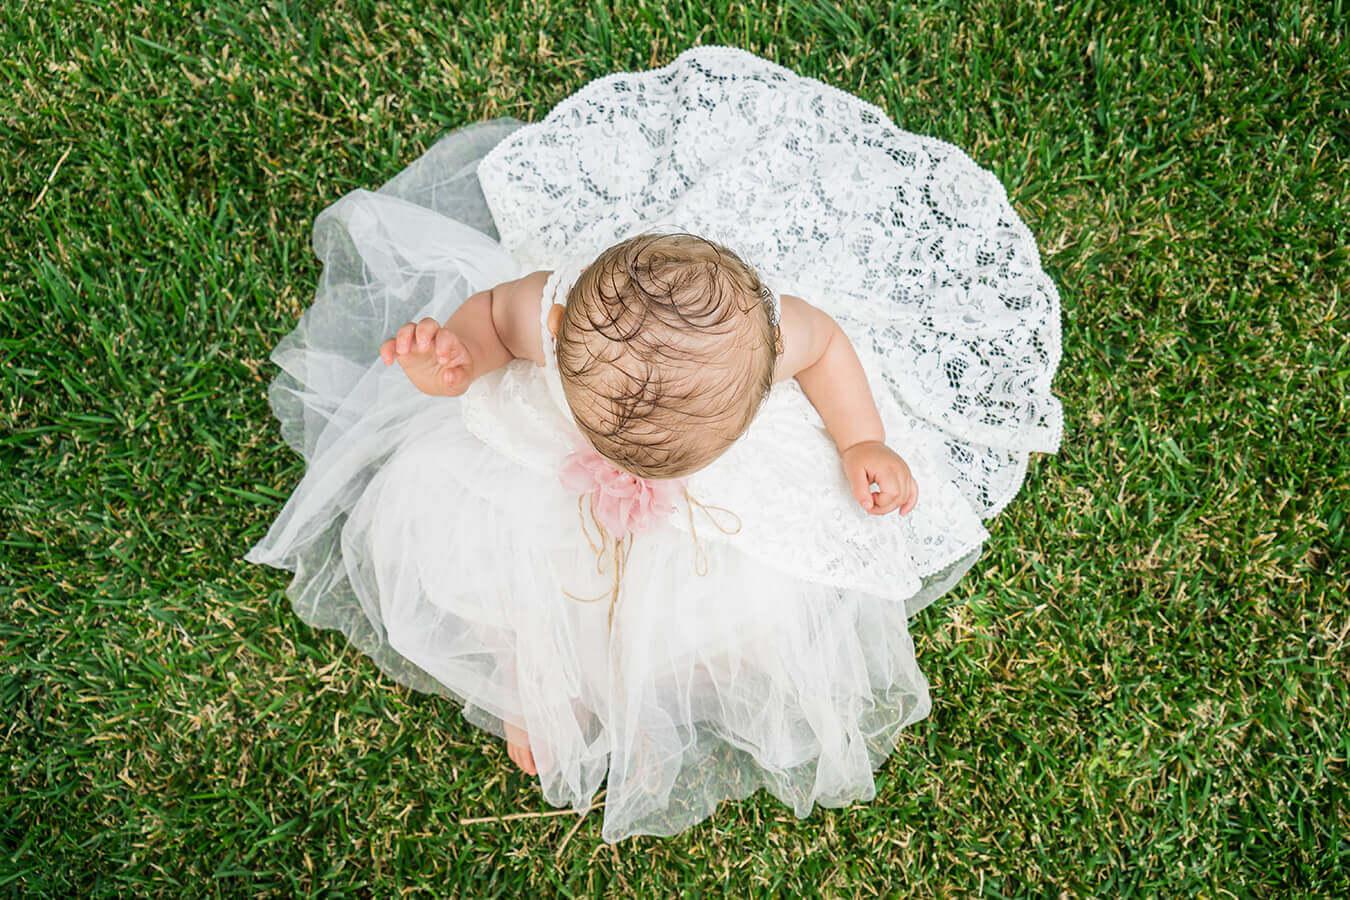 Kto nie może zostać rodzicem chrzestnym? Jakie są wymogi dla matki i ojca chrzestnego?